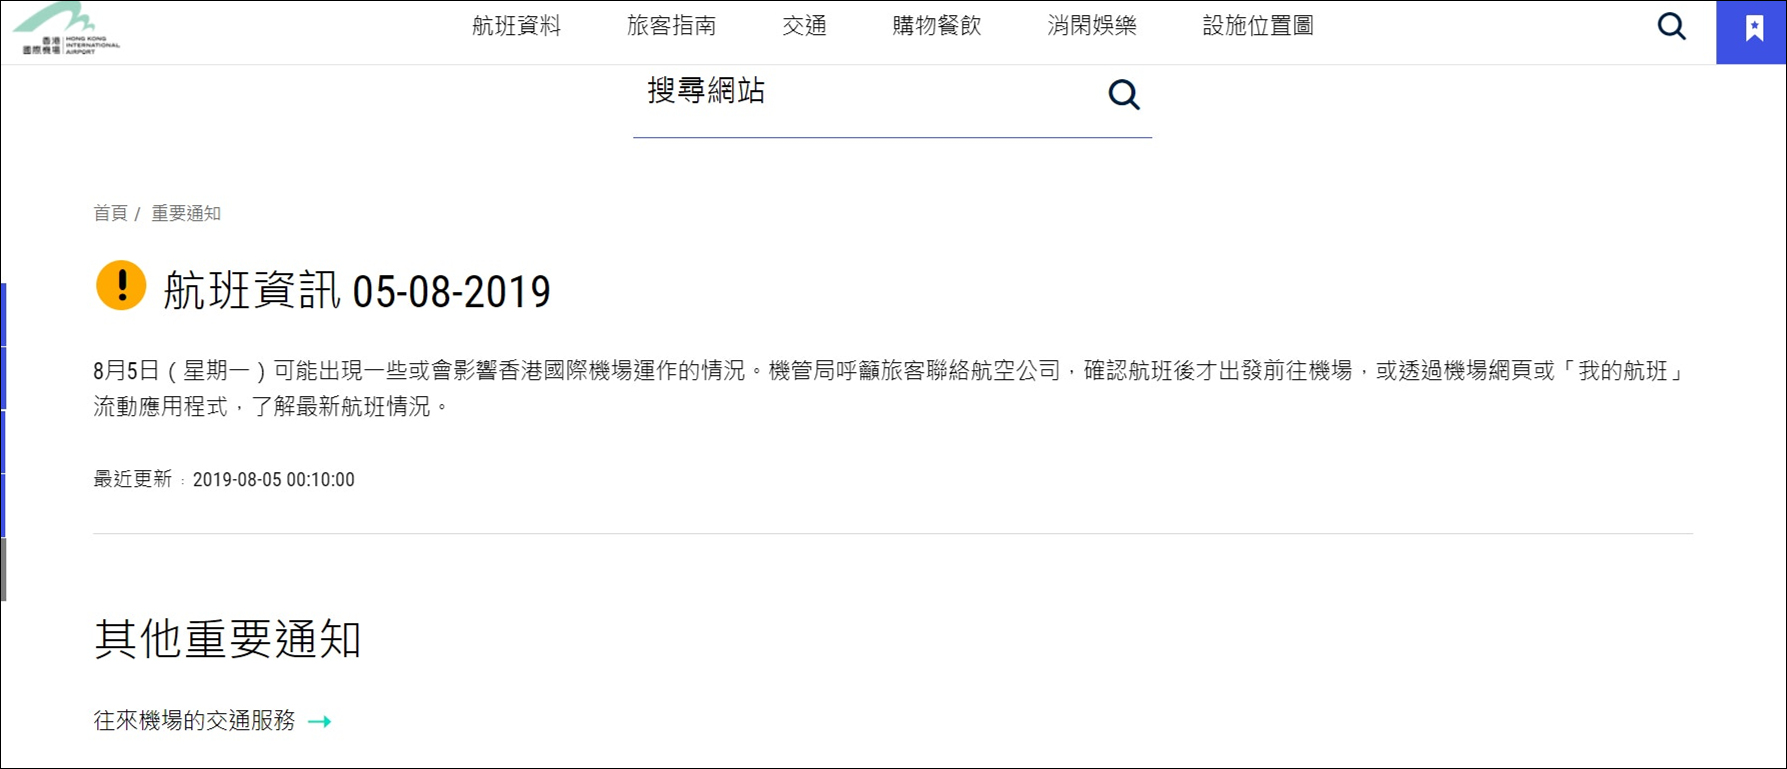 香港機場約170個航班取消 往來內地航班受影響 九龍